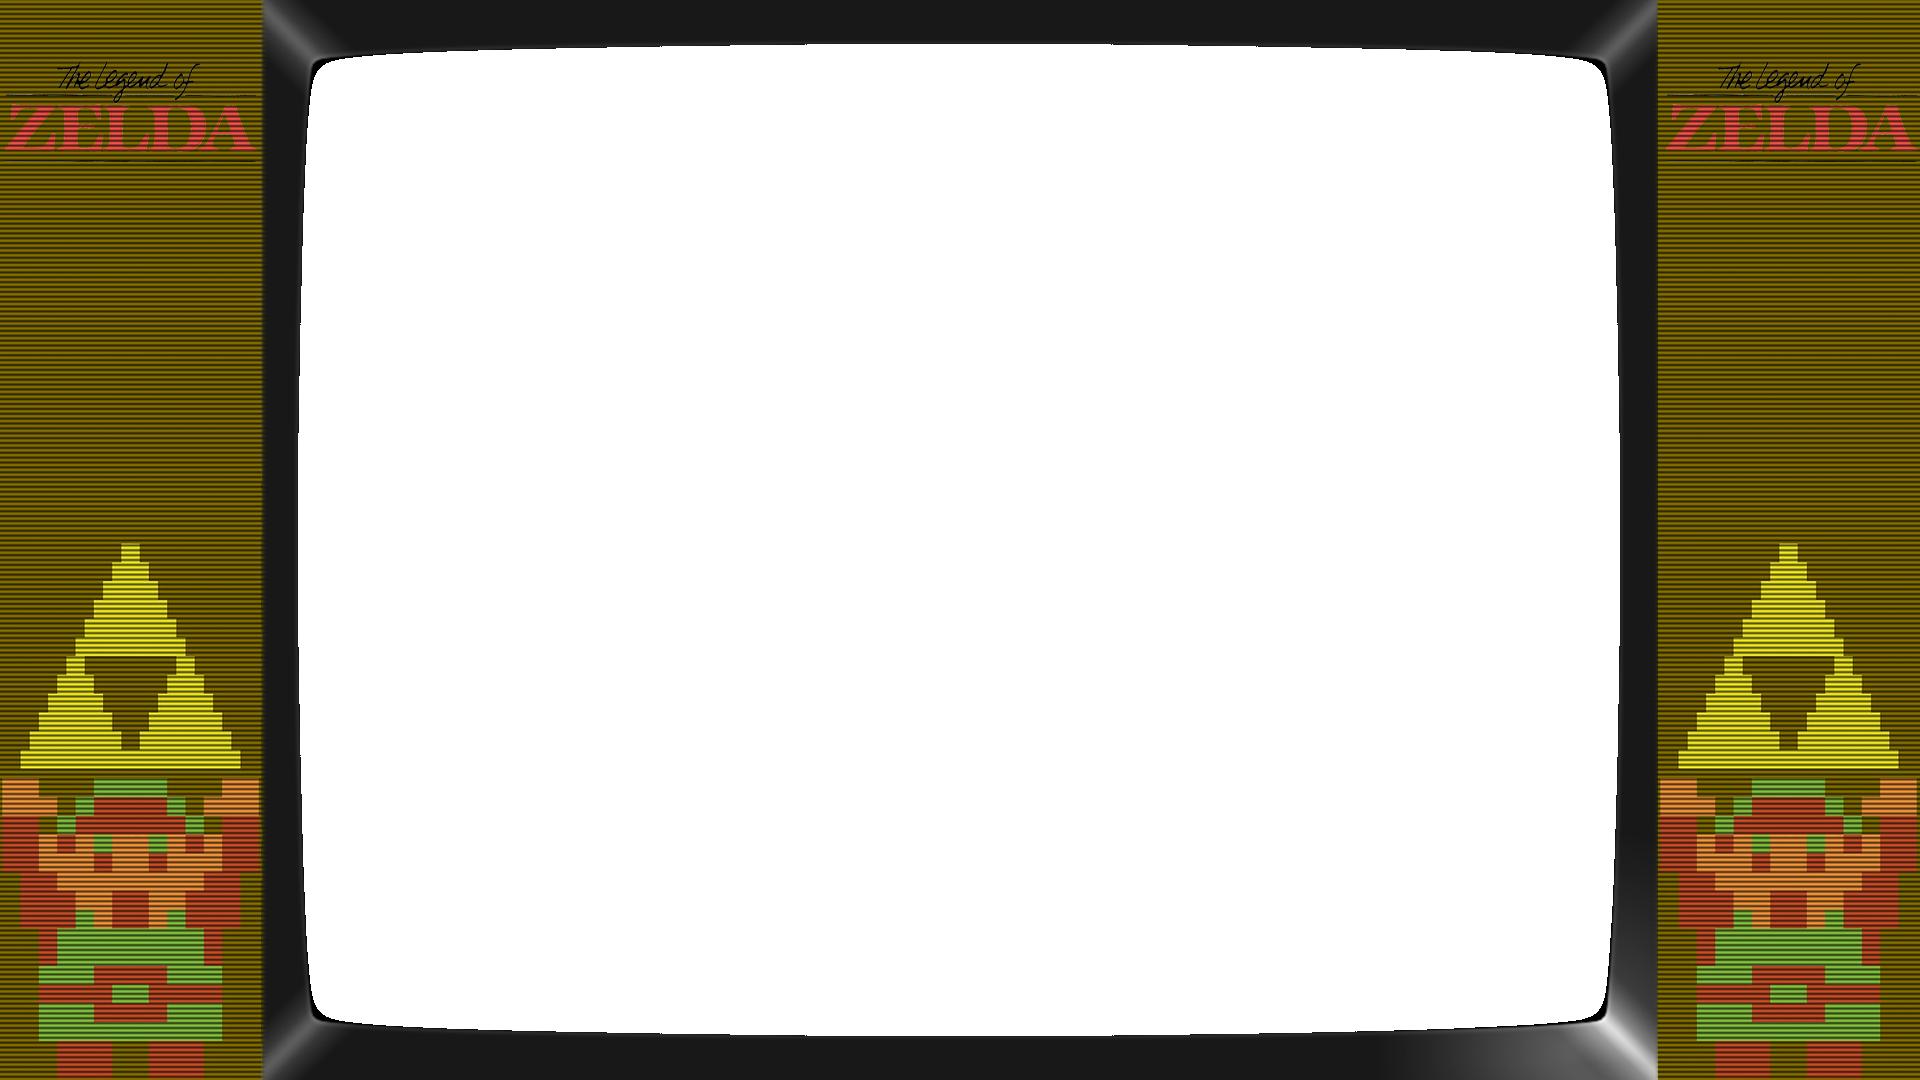 Using custom overlays with console emulators - RetroPie Forum